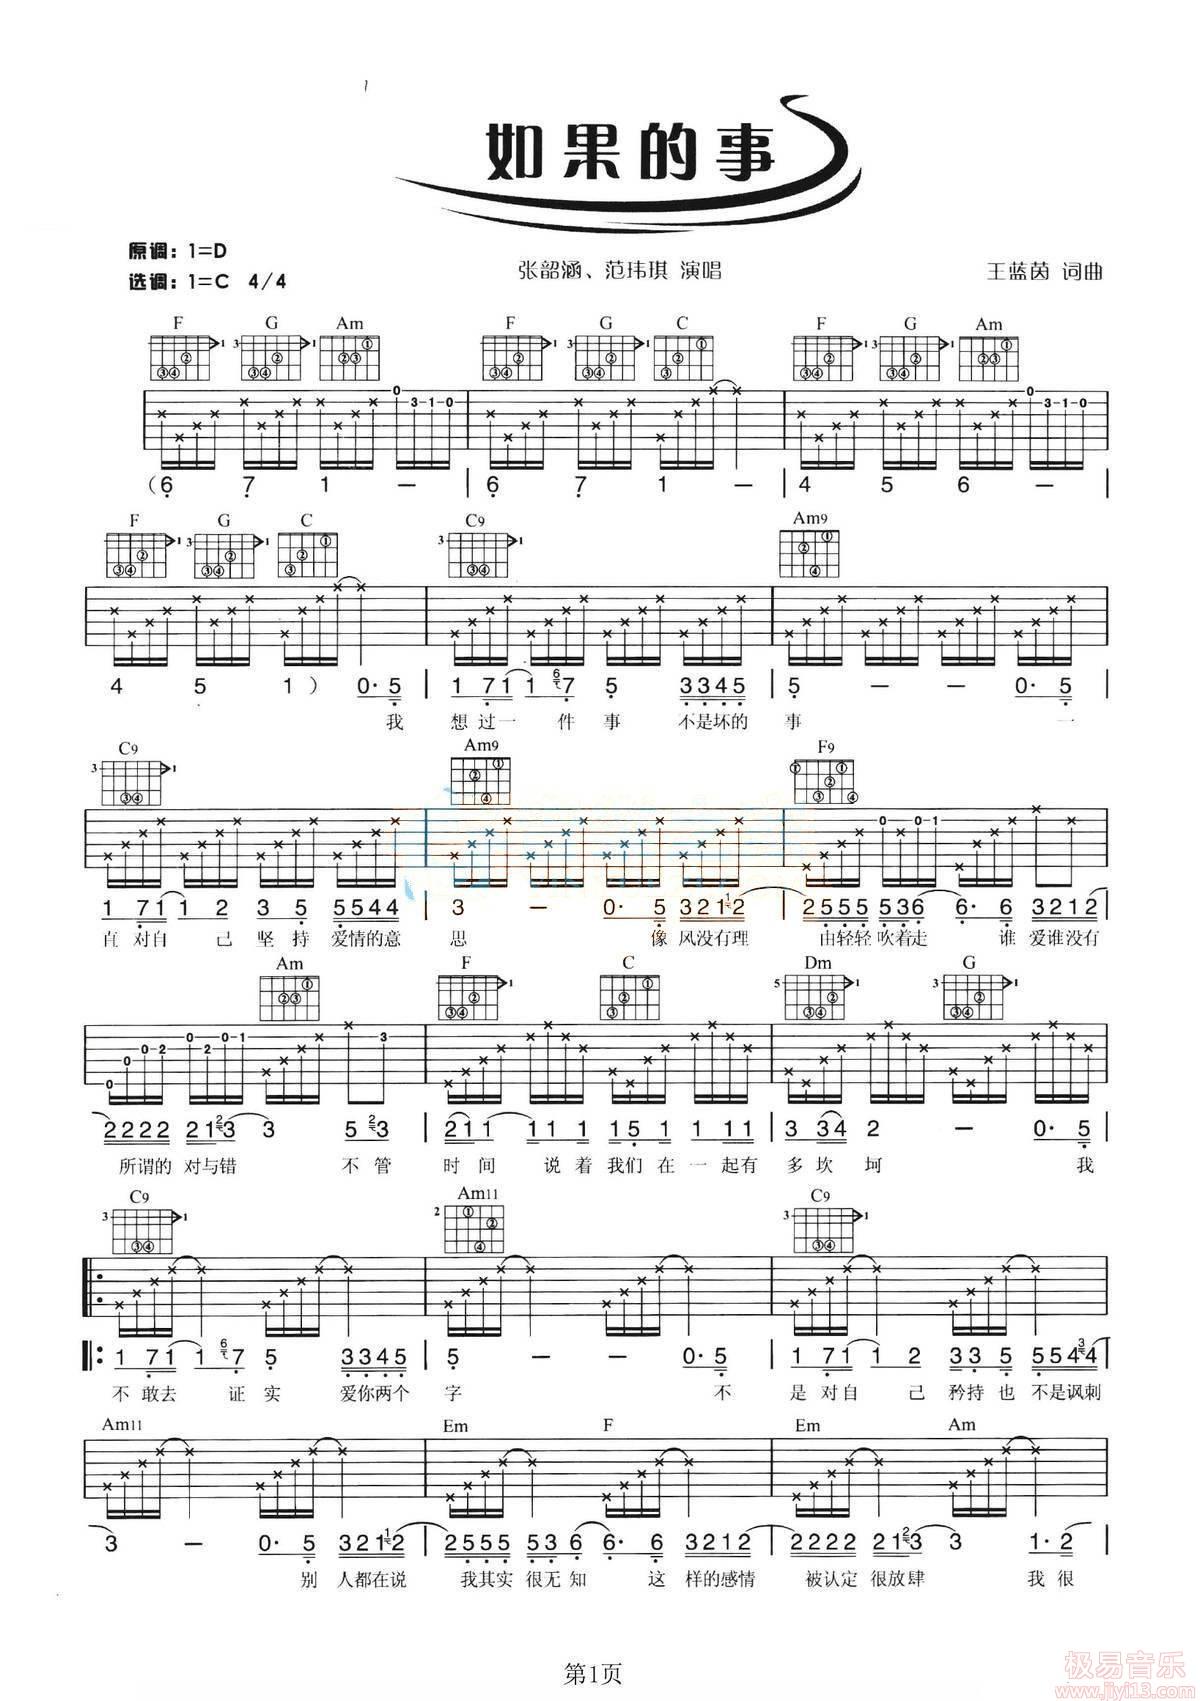 范玮琪/张韶涵《如果的事》高清吉他弹唱谱C调完美版原版编配+视频示范